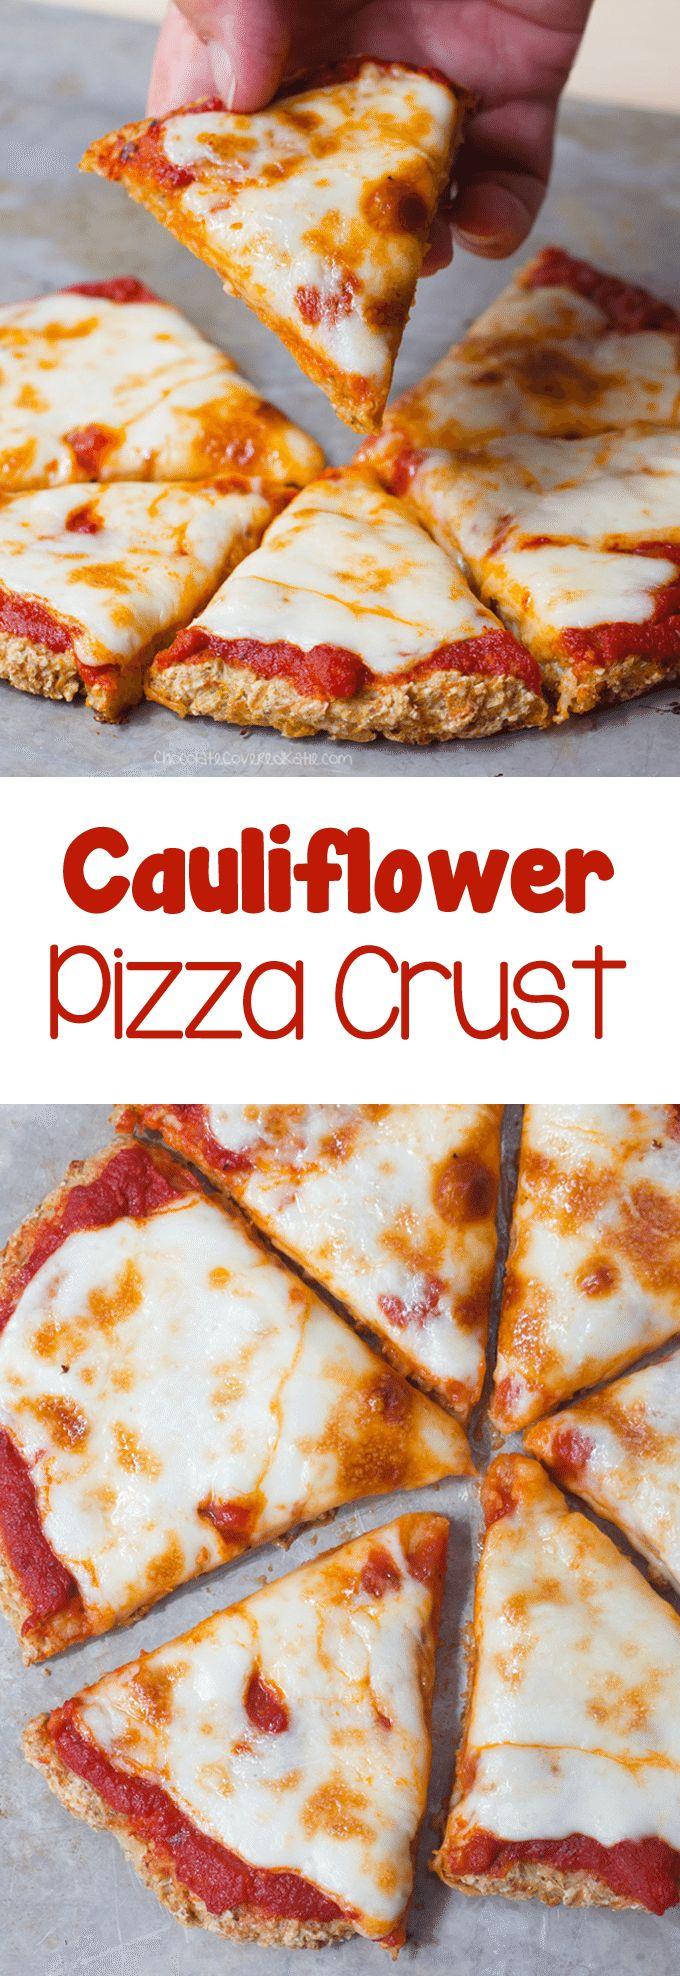 The Best Cauliflower Pizza Crust – Just 5 Ingredients!